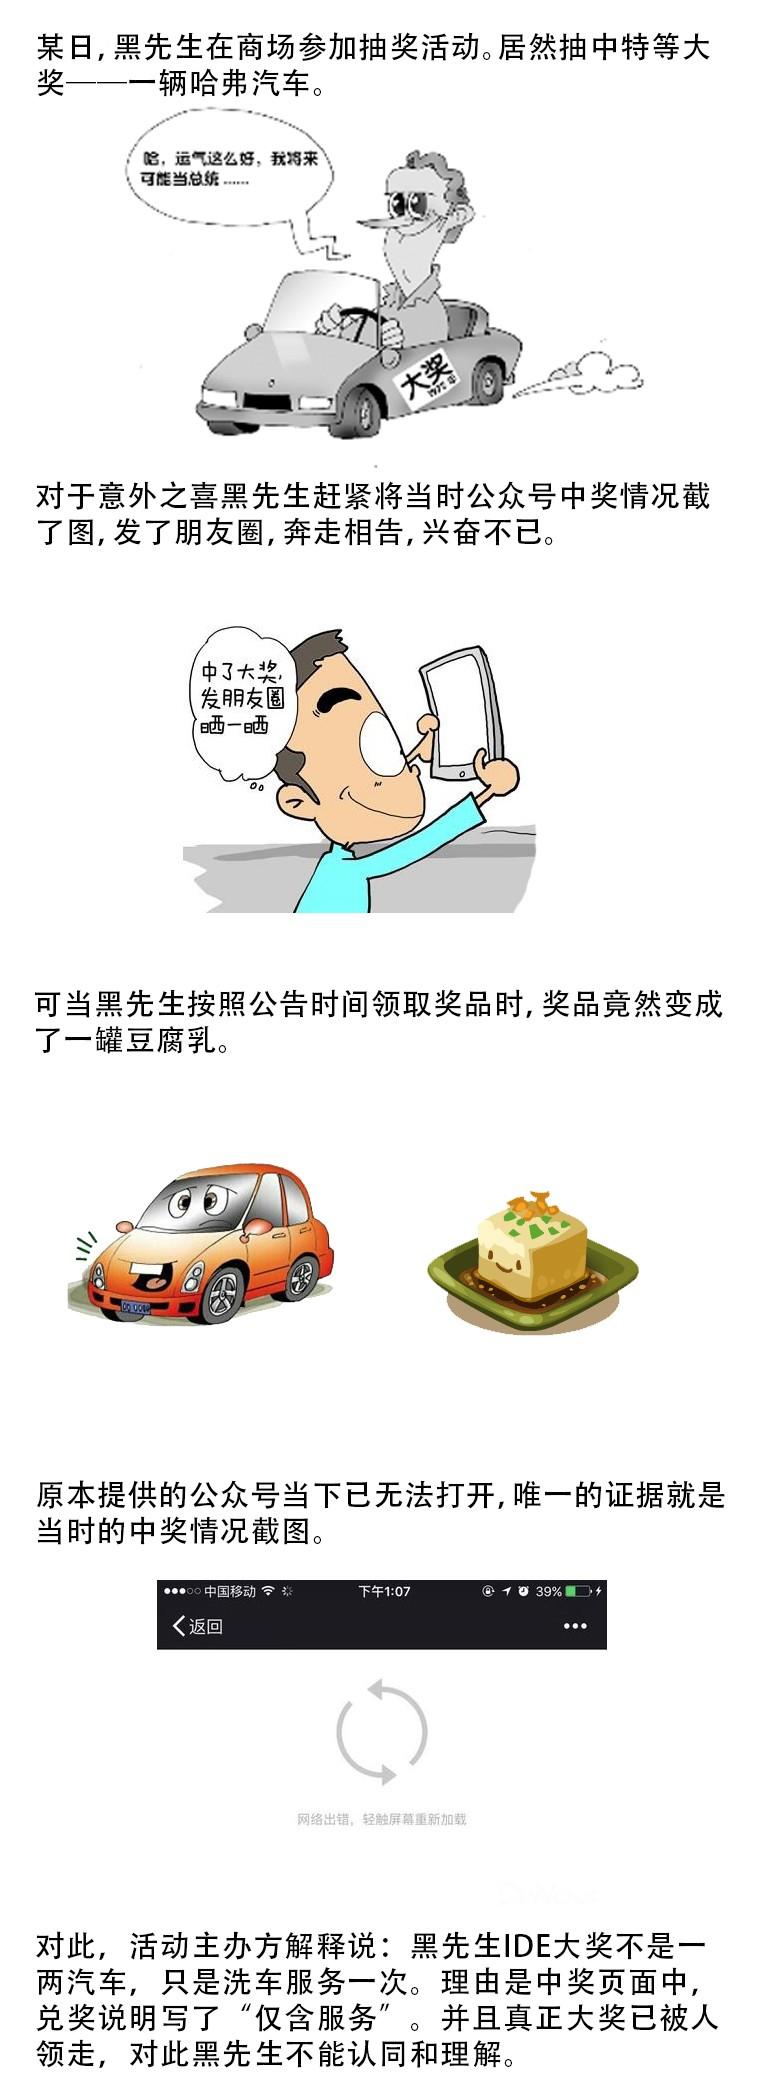 律师说:抽中汽车变豆腐乳是怎么回事?-群益观察